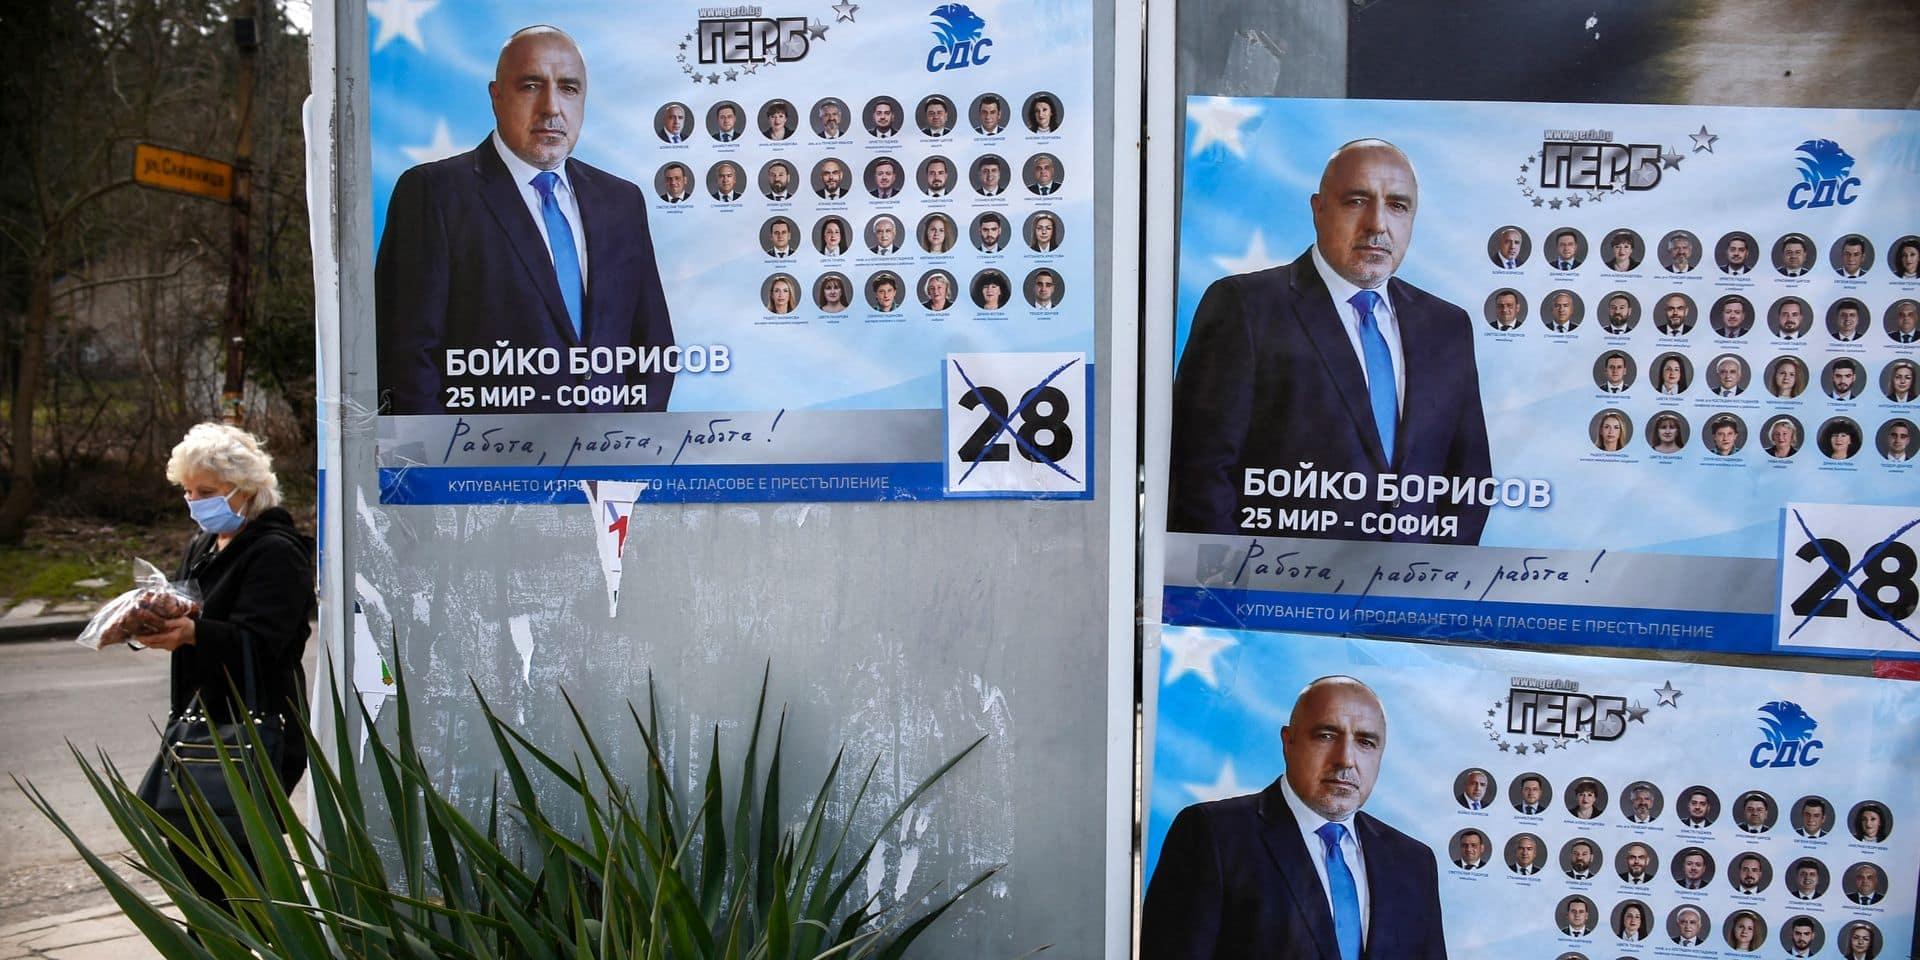 Bulgarie: le parti de Borissov en tête mais les protestataires créent la surprise